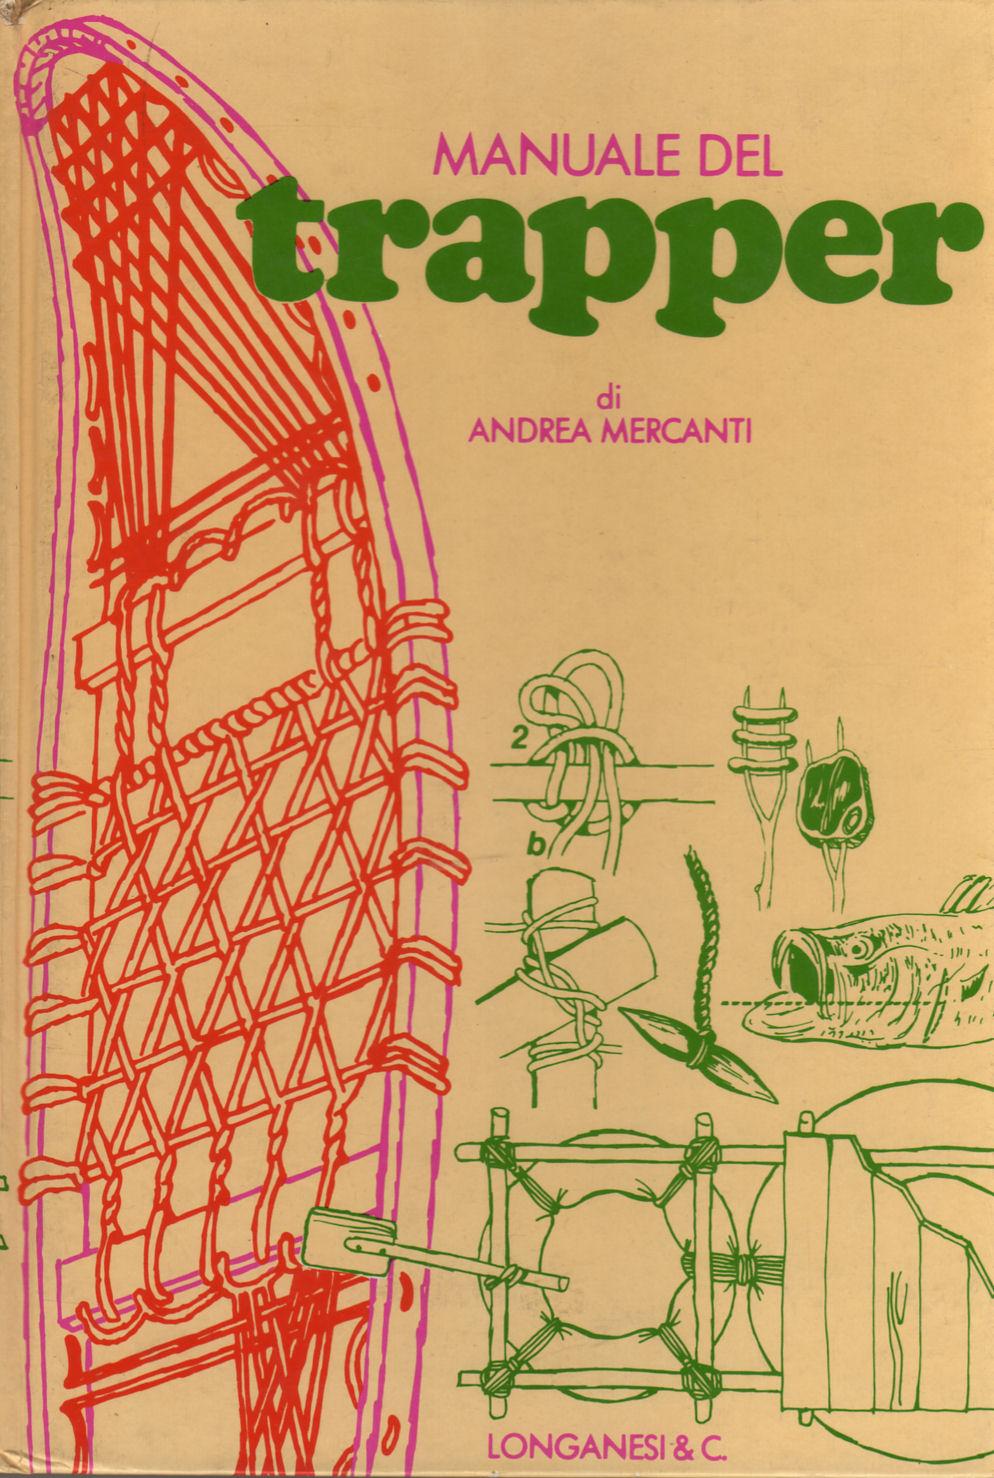 Il manuale del trapper